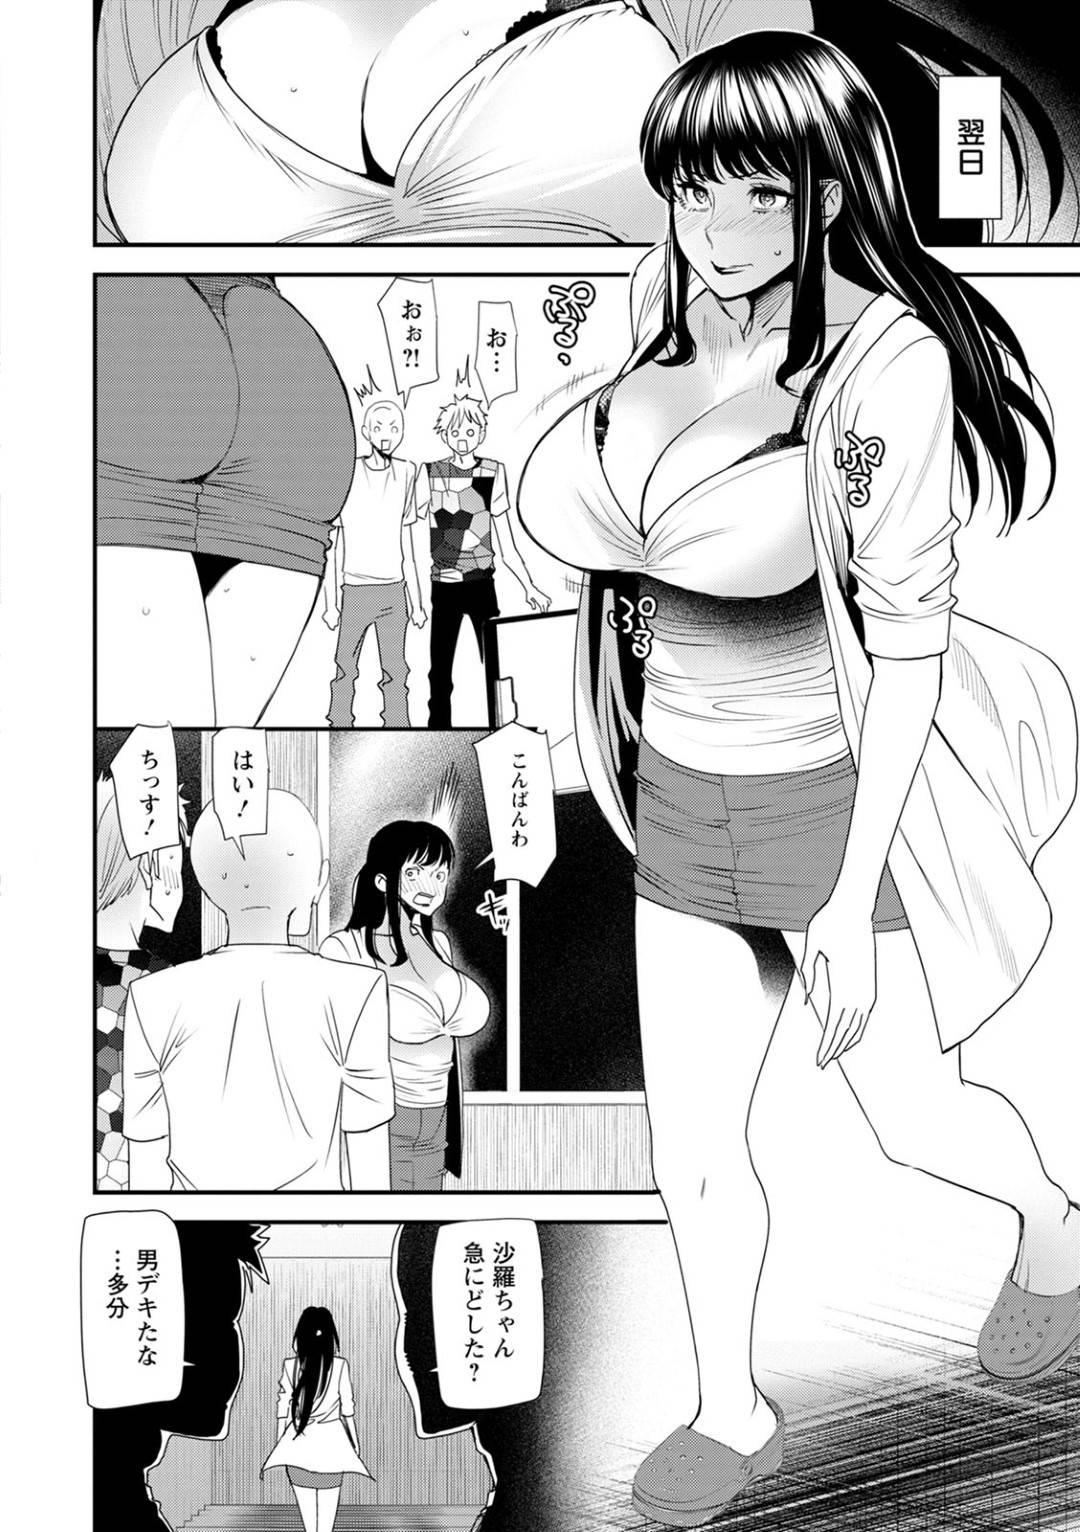 【エロ漫画】生徒にセックスの指導をしないことを指摘される養護教諭…話の流れから処女ということもバレてしまい挑発に乗ってしまった彼女は保健室に来た男子生徒を誘惑して処女を捨てる!【大嶋亮】